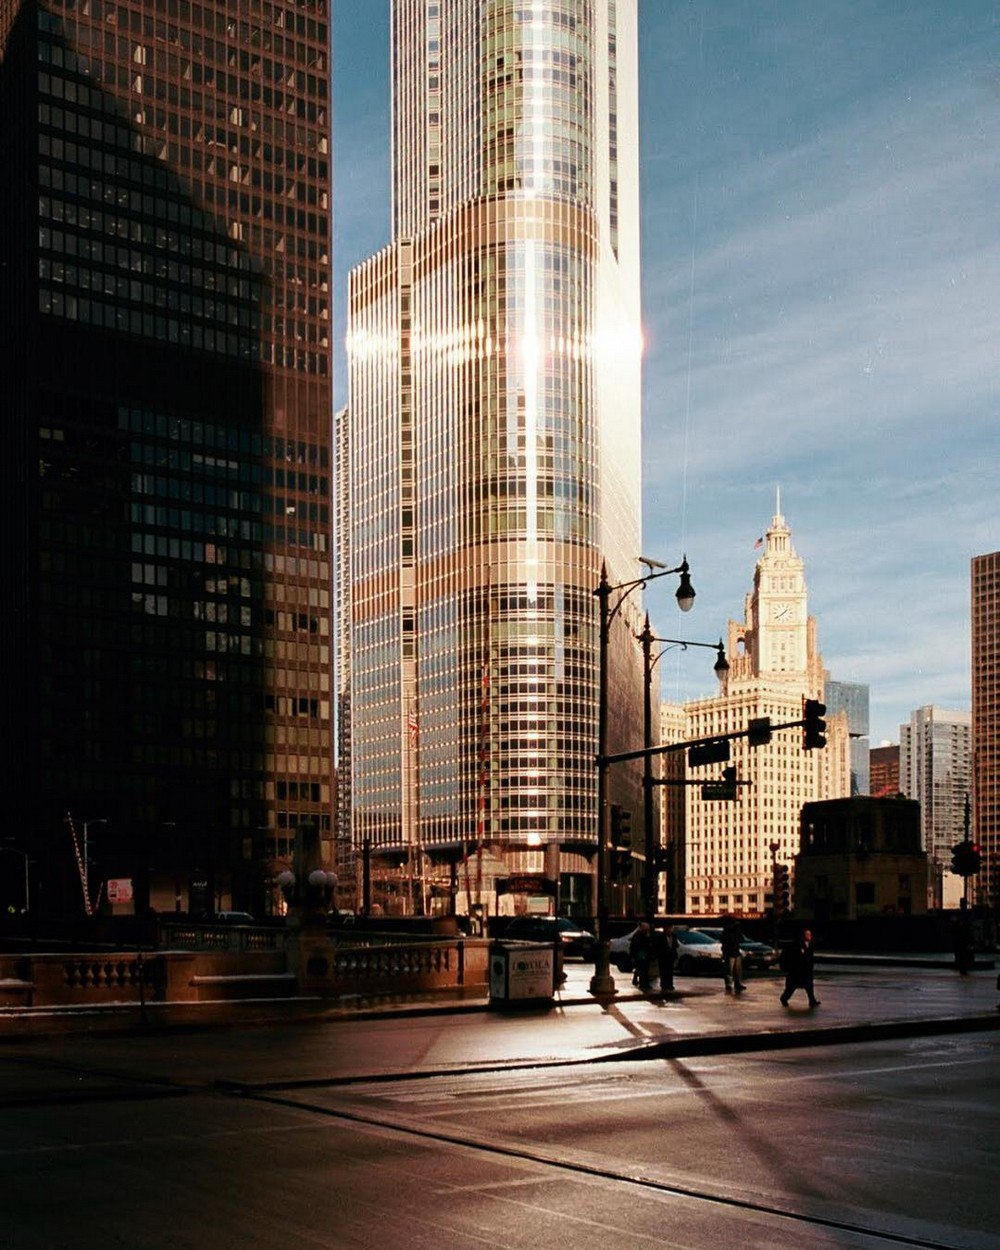 kpxvdHXzaQ - Шедевры архитектурной и городской фотографии